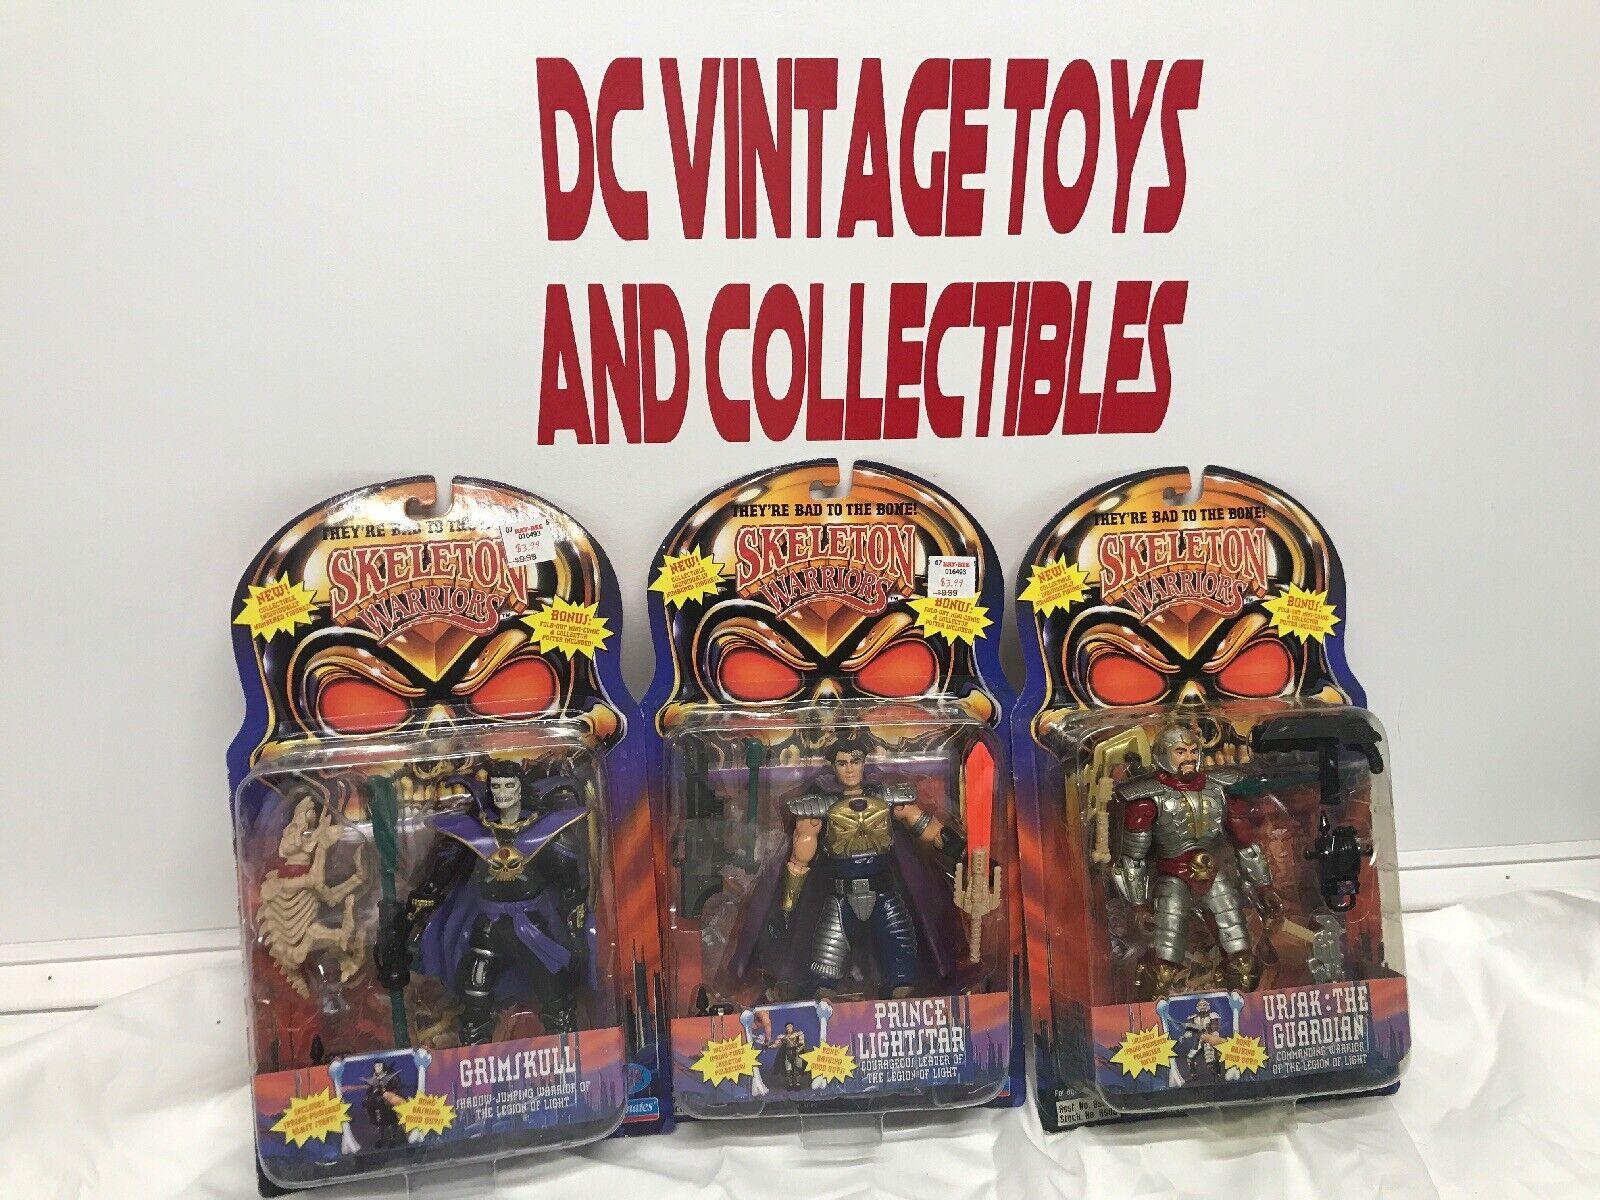 Lote de 3 Figuras De Guerreros Esqueleto Playmates Toys ursak GRIMSKULL lightstar Menta en paquete sellado